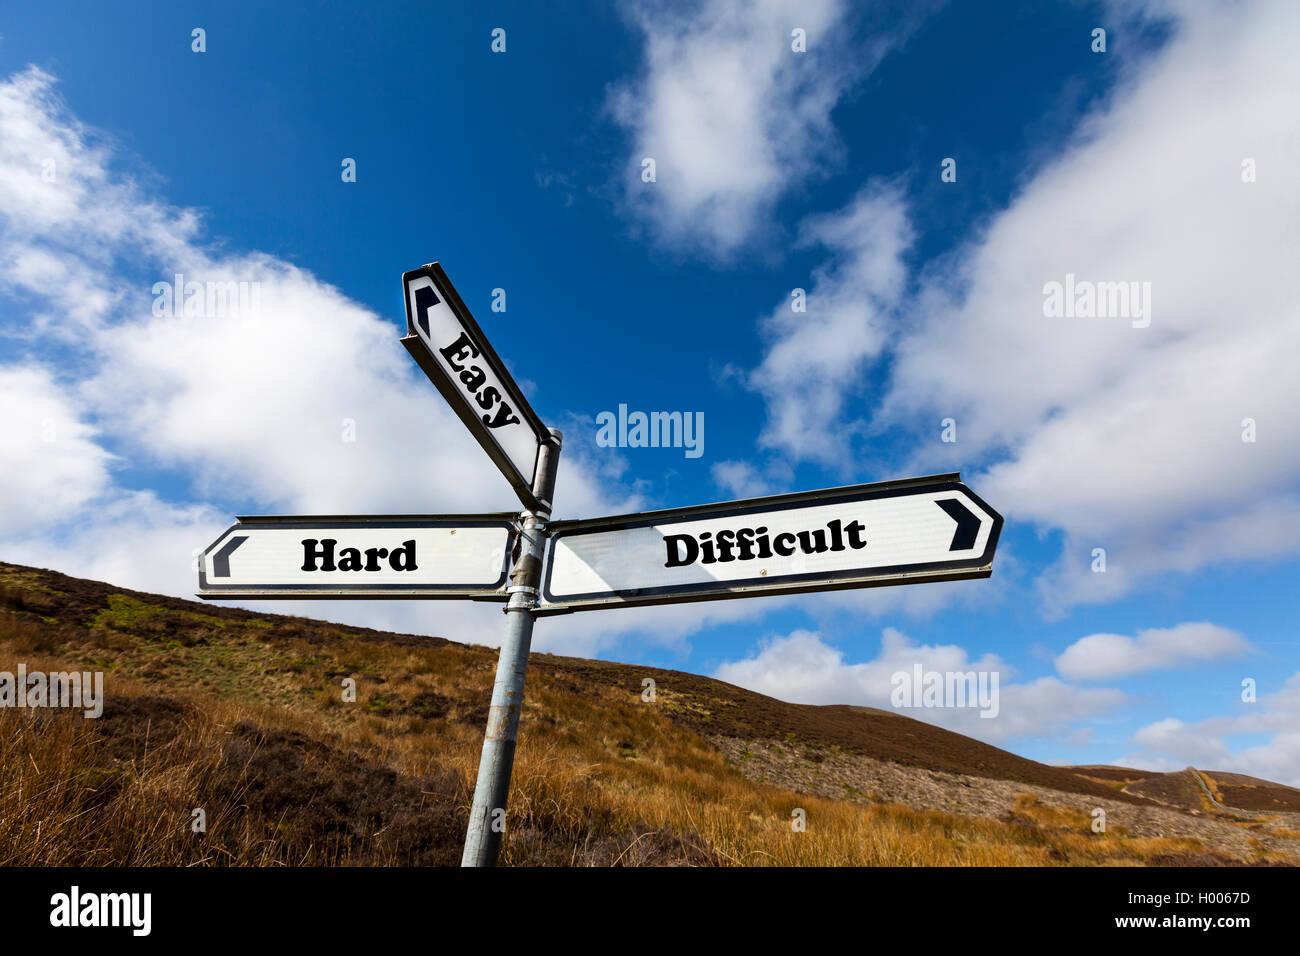 Facile hard difficile concetto cartello stradale scelta scegliere opzioni opzione direzione di vita futuro modo Immagini Stock